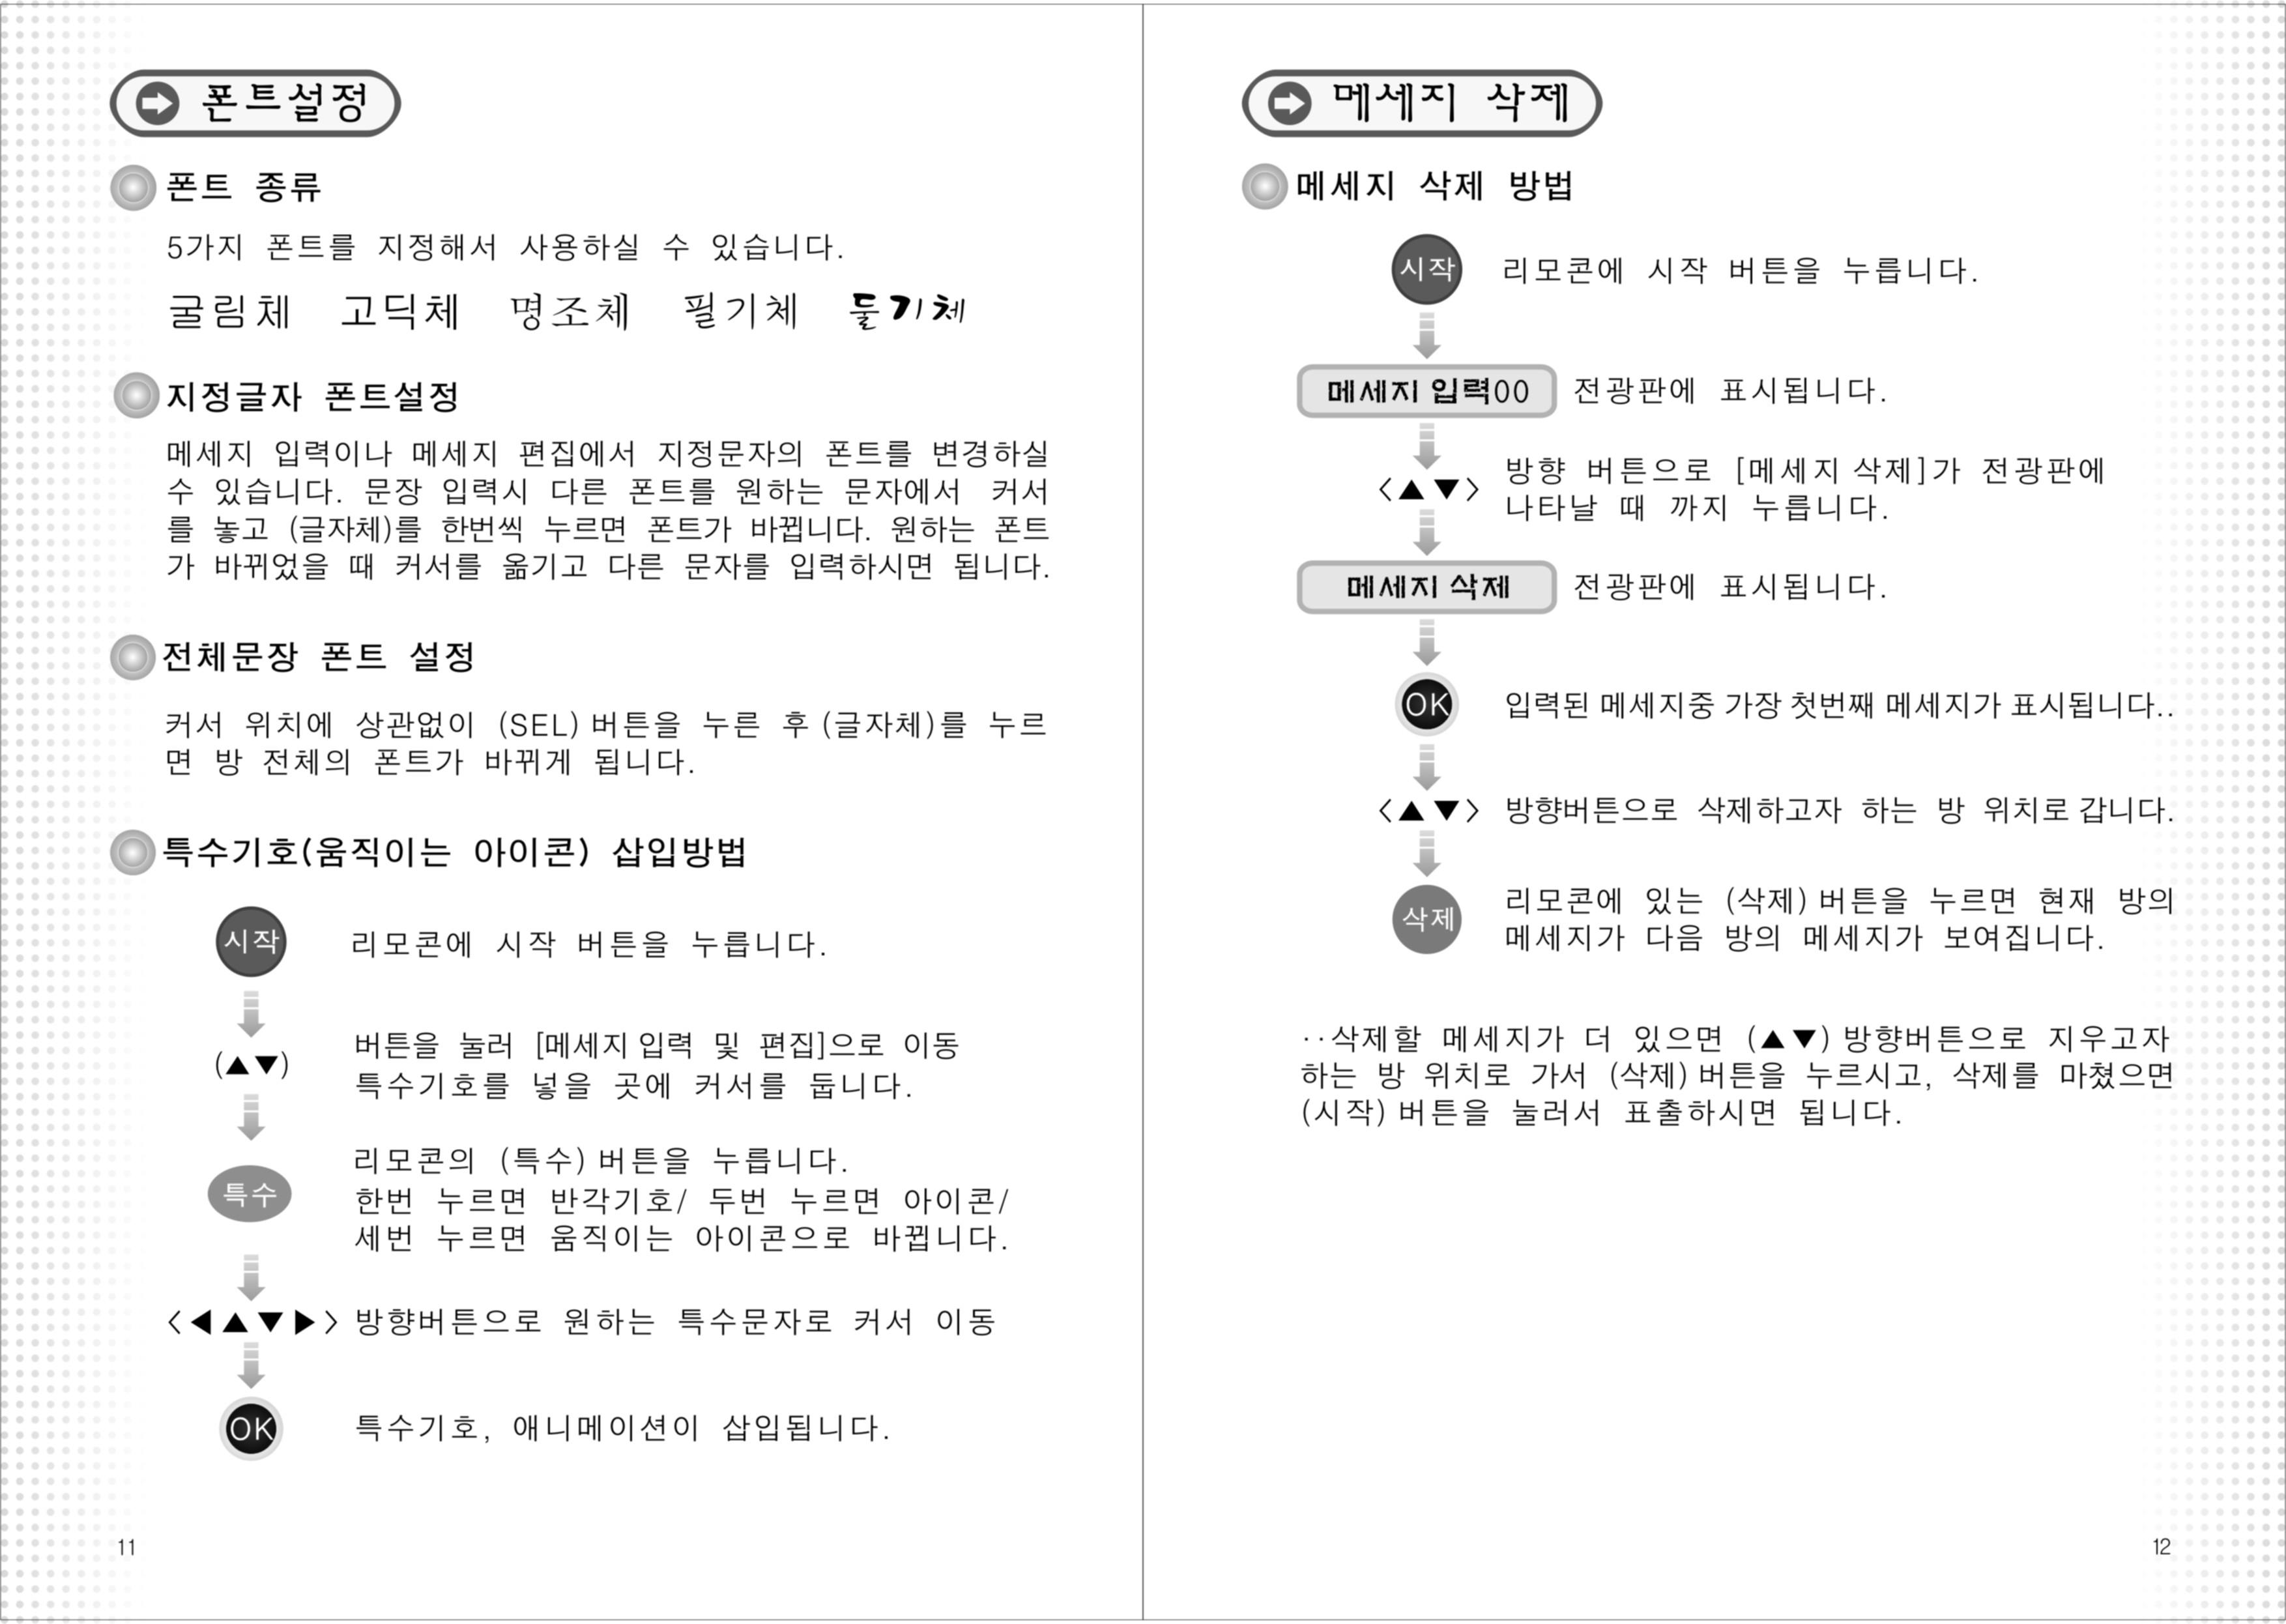 진영정보통신_사용 설명서 (7).jpg